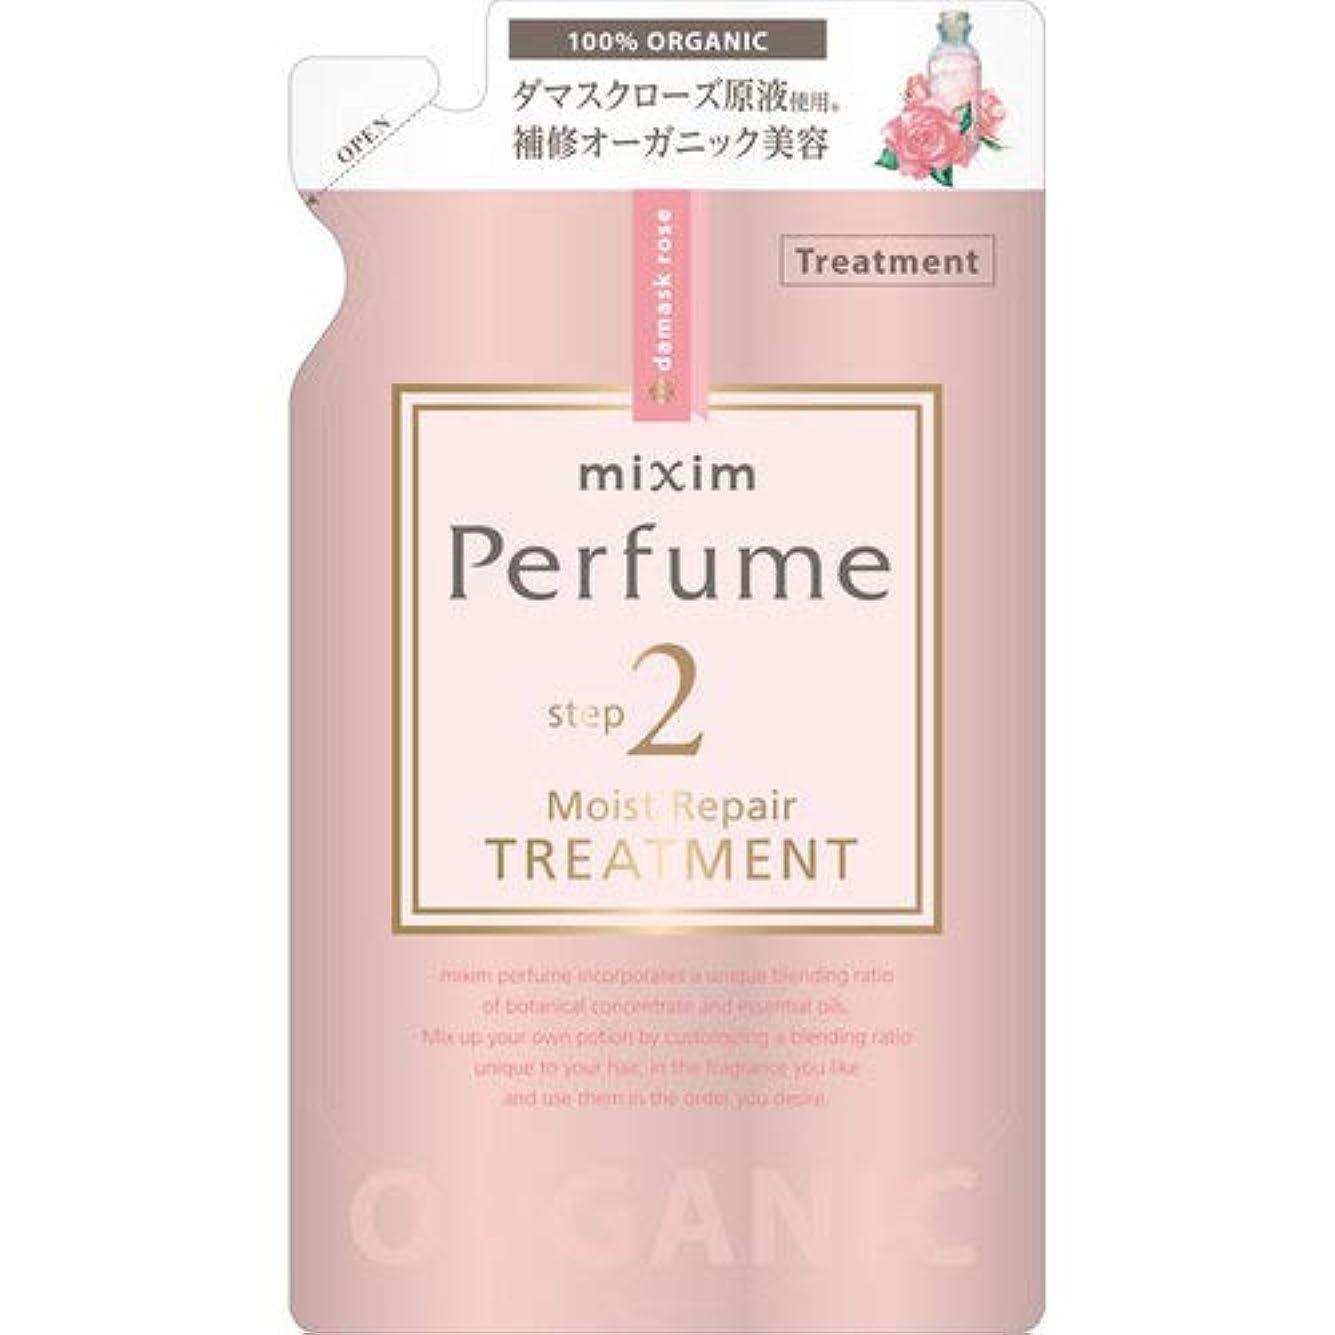 海港初心者平和的mixim Perfume(ミクシムパフューム) モイストリペア ヘアトリートメントつめかえ用 350g